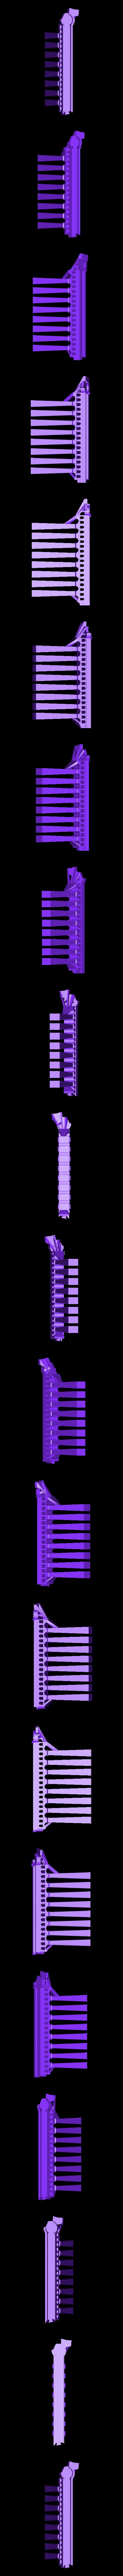 Bridge.stl Télécharger fichier STL gratuit Hogwarts School of Witchcraft • Plan à imprimer en 3D, Valient